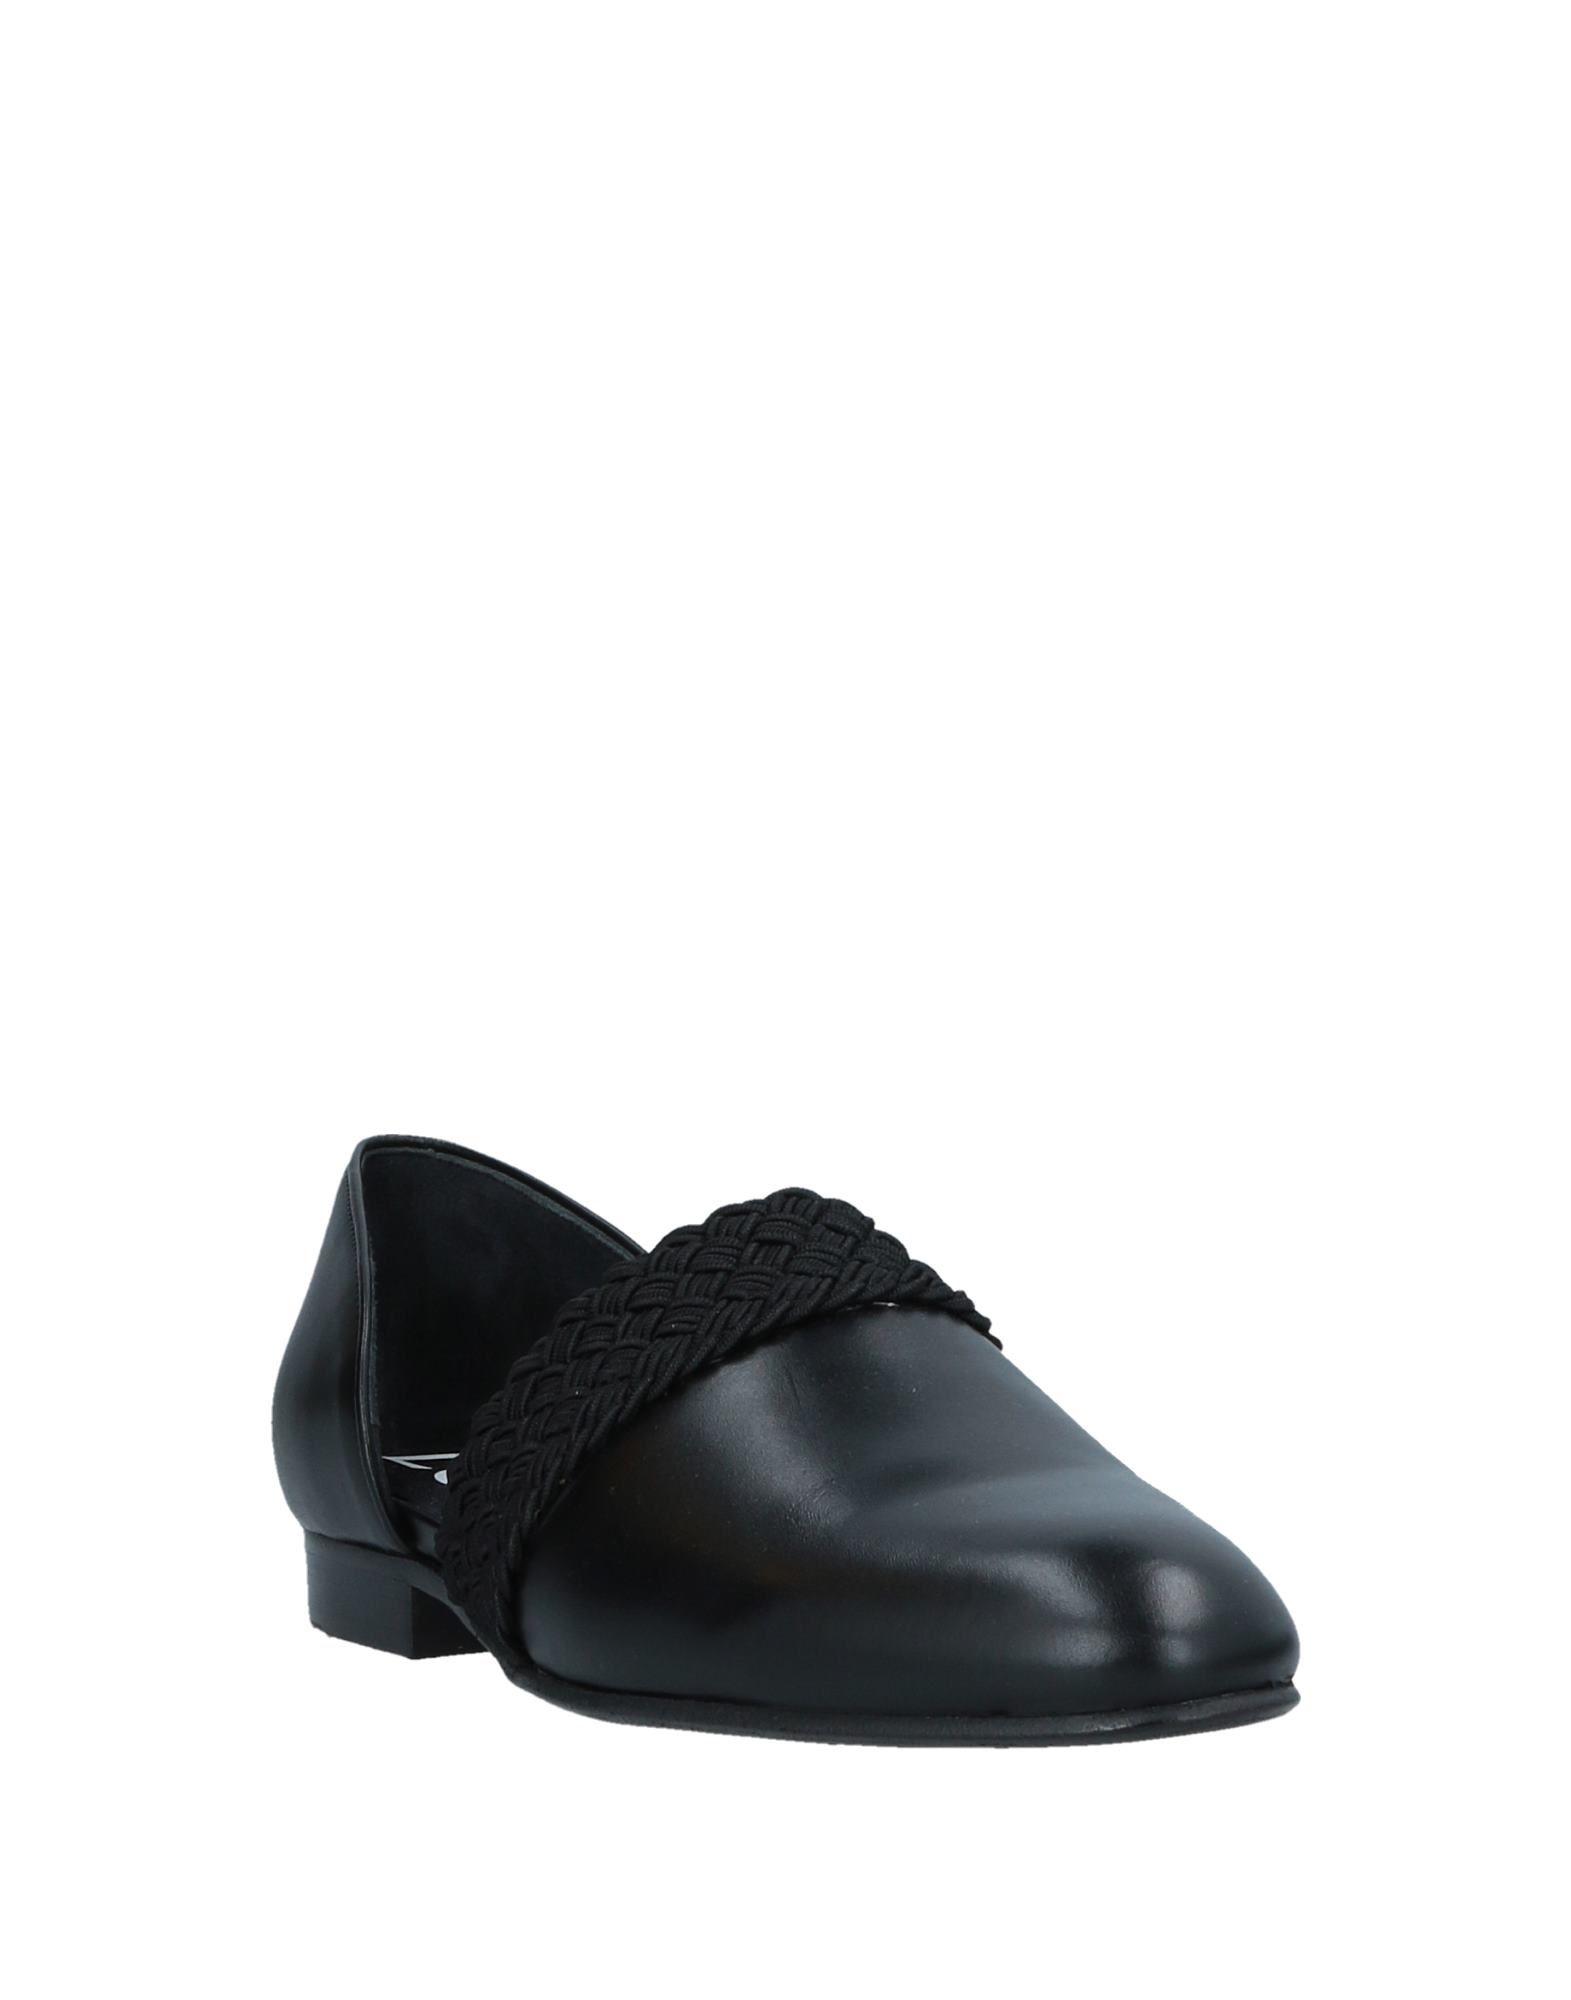 Loewe Mokassins Damen Heiße  11502246DV Heiße Damen Schuhe f8059f